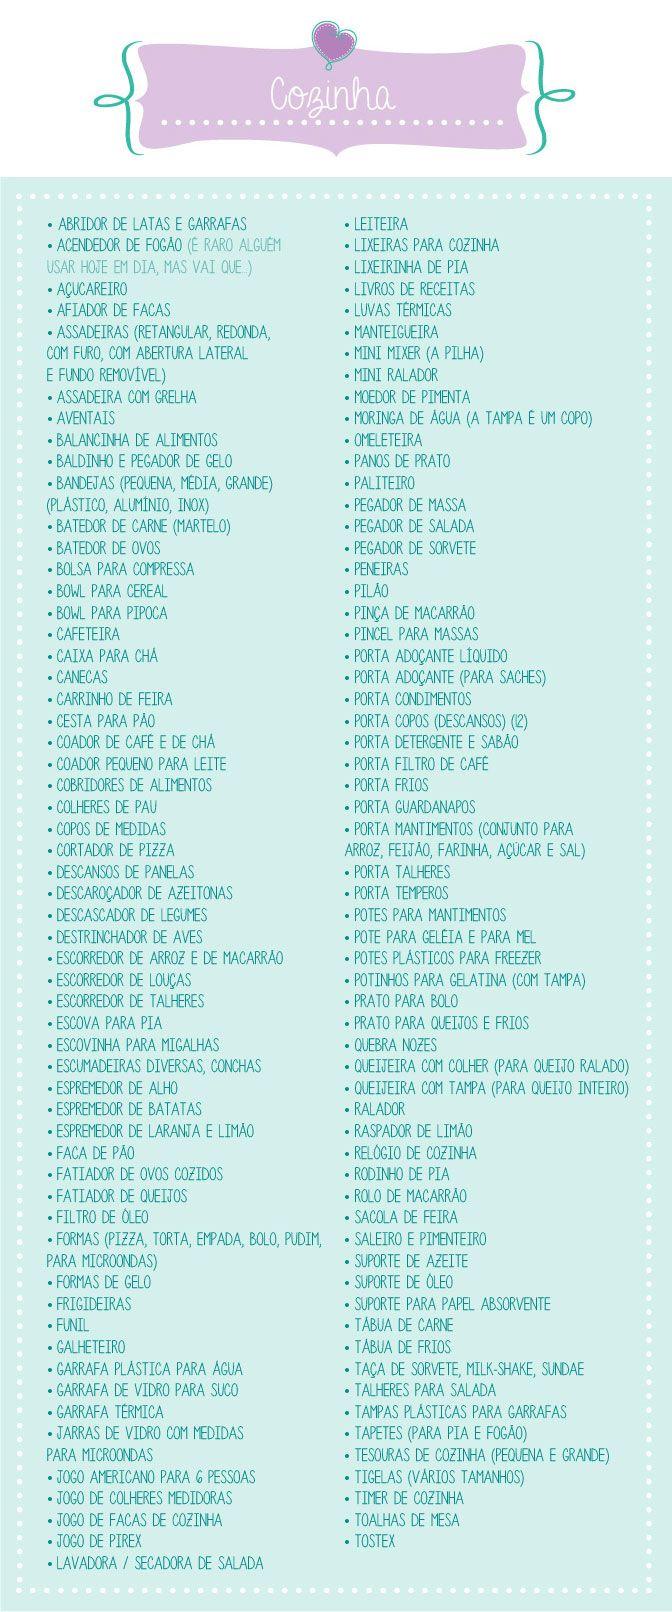 O que pedir no chá de cozinha | chá bar | chá de casa nova? Veja a lista completinha no blog clicando na imagem! Mais